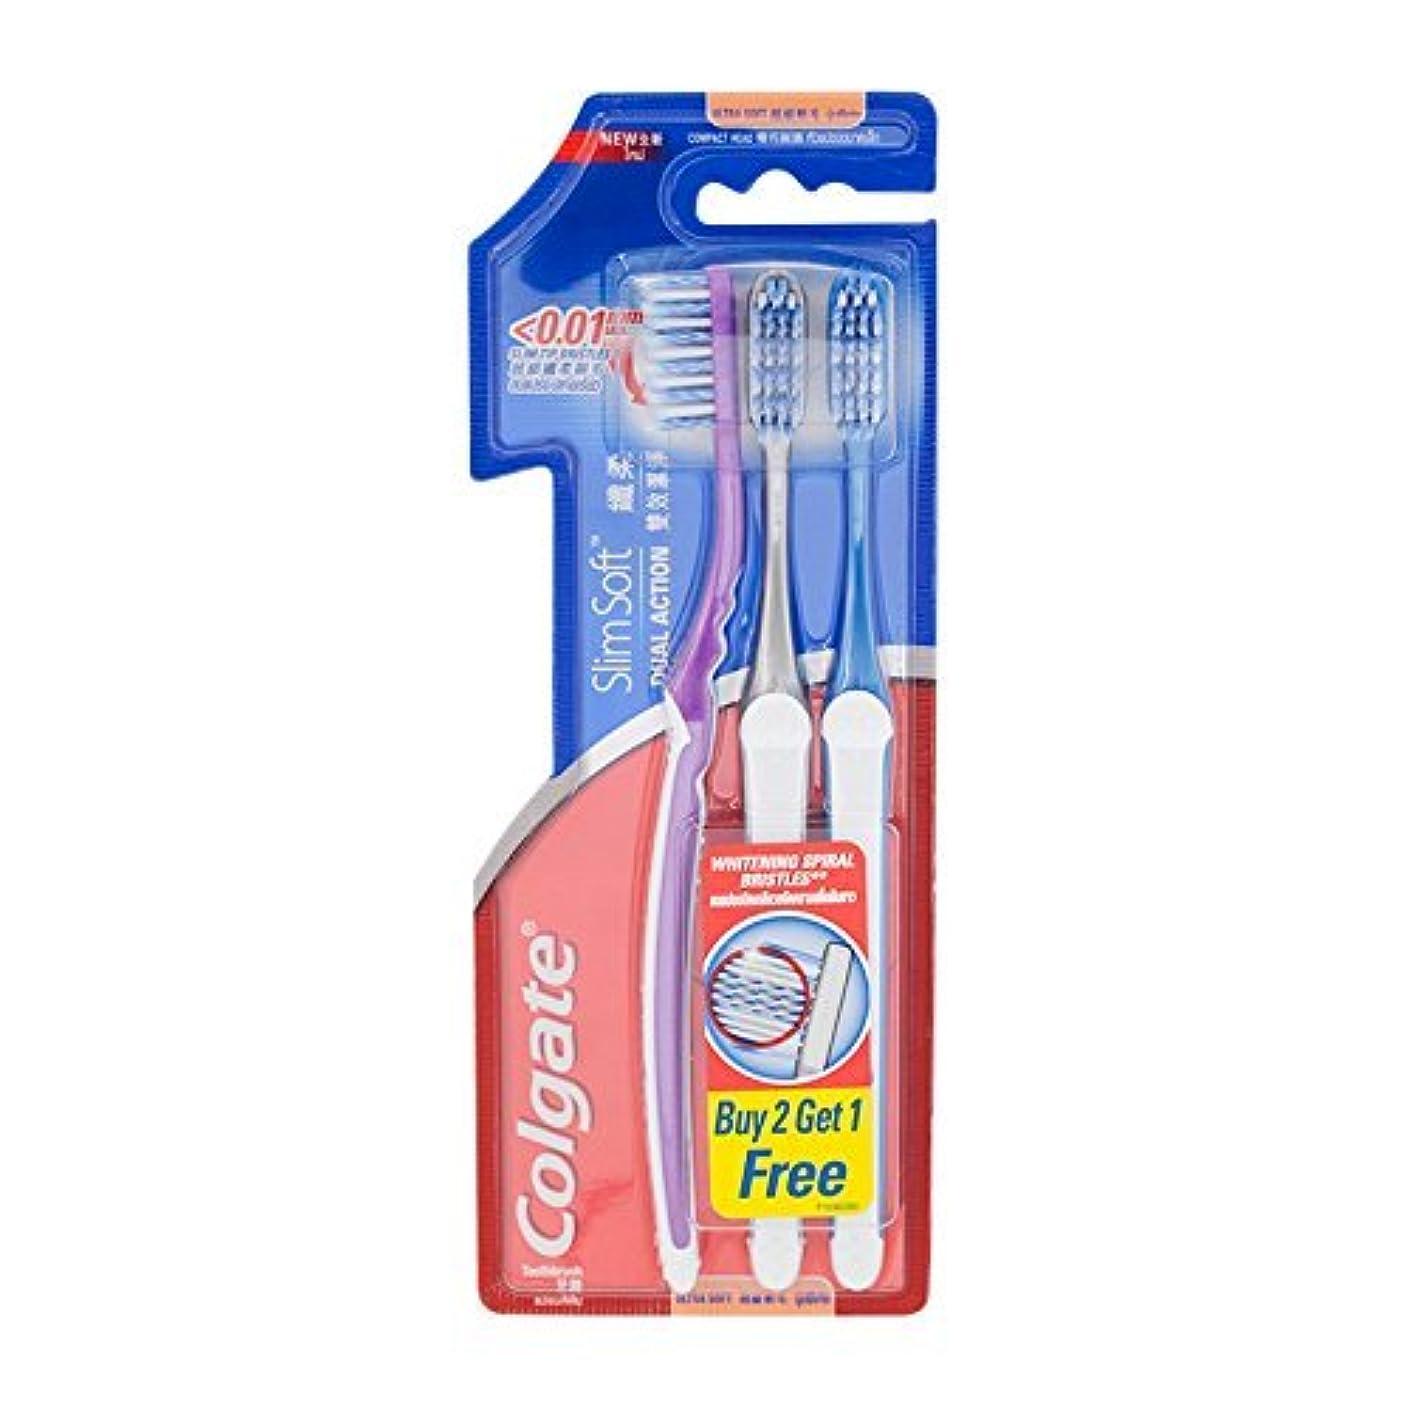 良性同様のに応じてColgate Compact Ultra Soft Dual Action   Slim Soft Toothbrush, Family Pack (3 Bristles) by BeautyBreeze